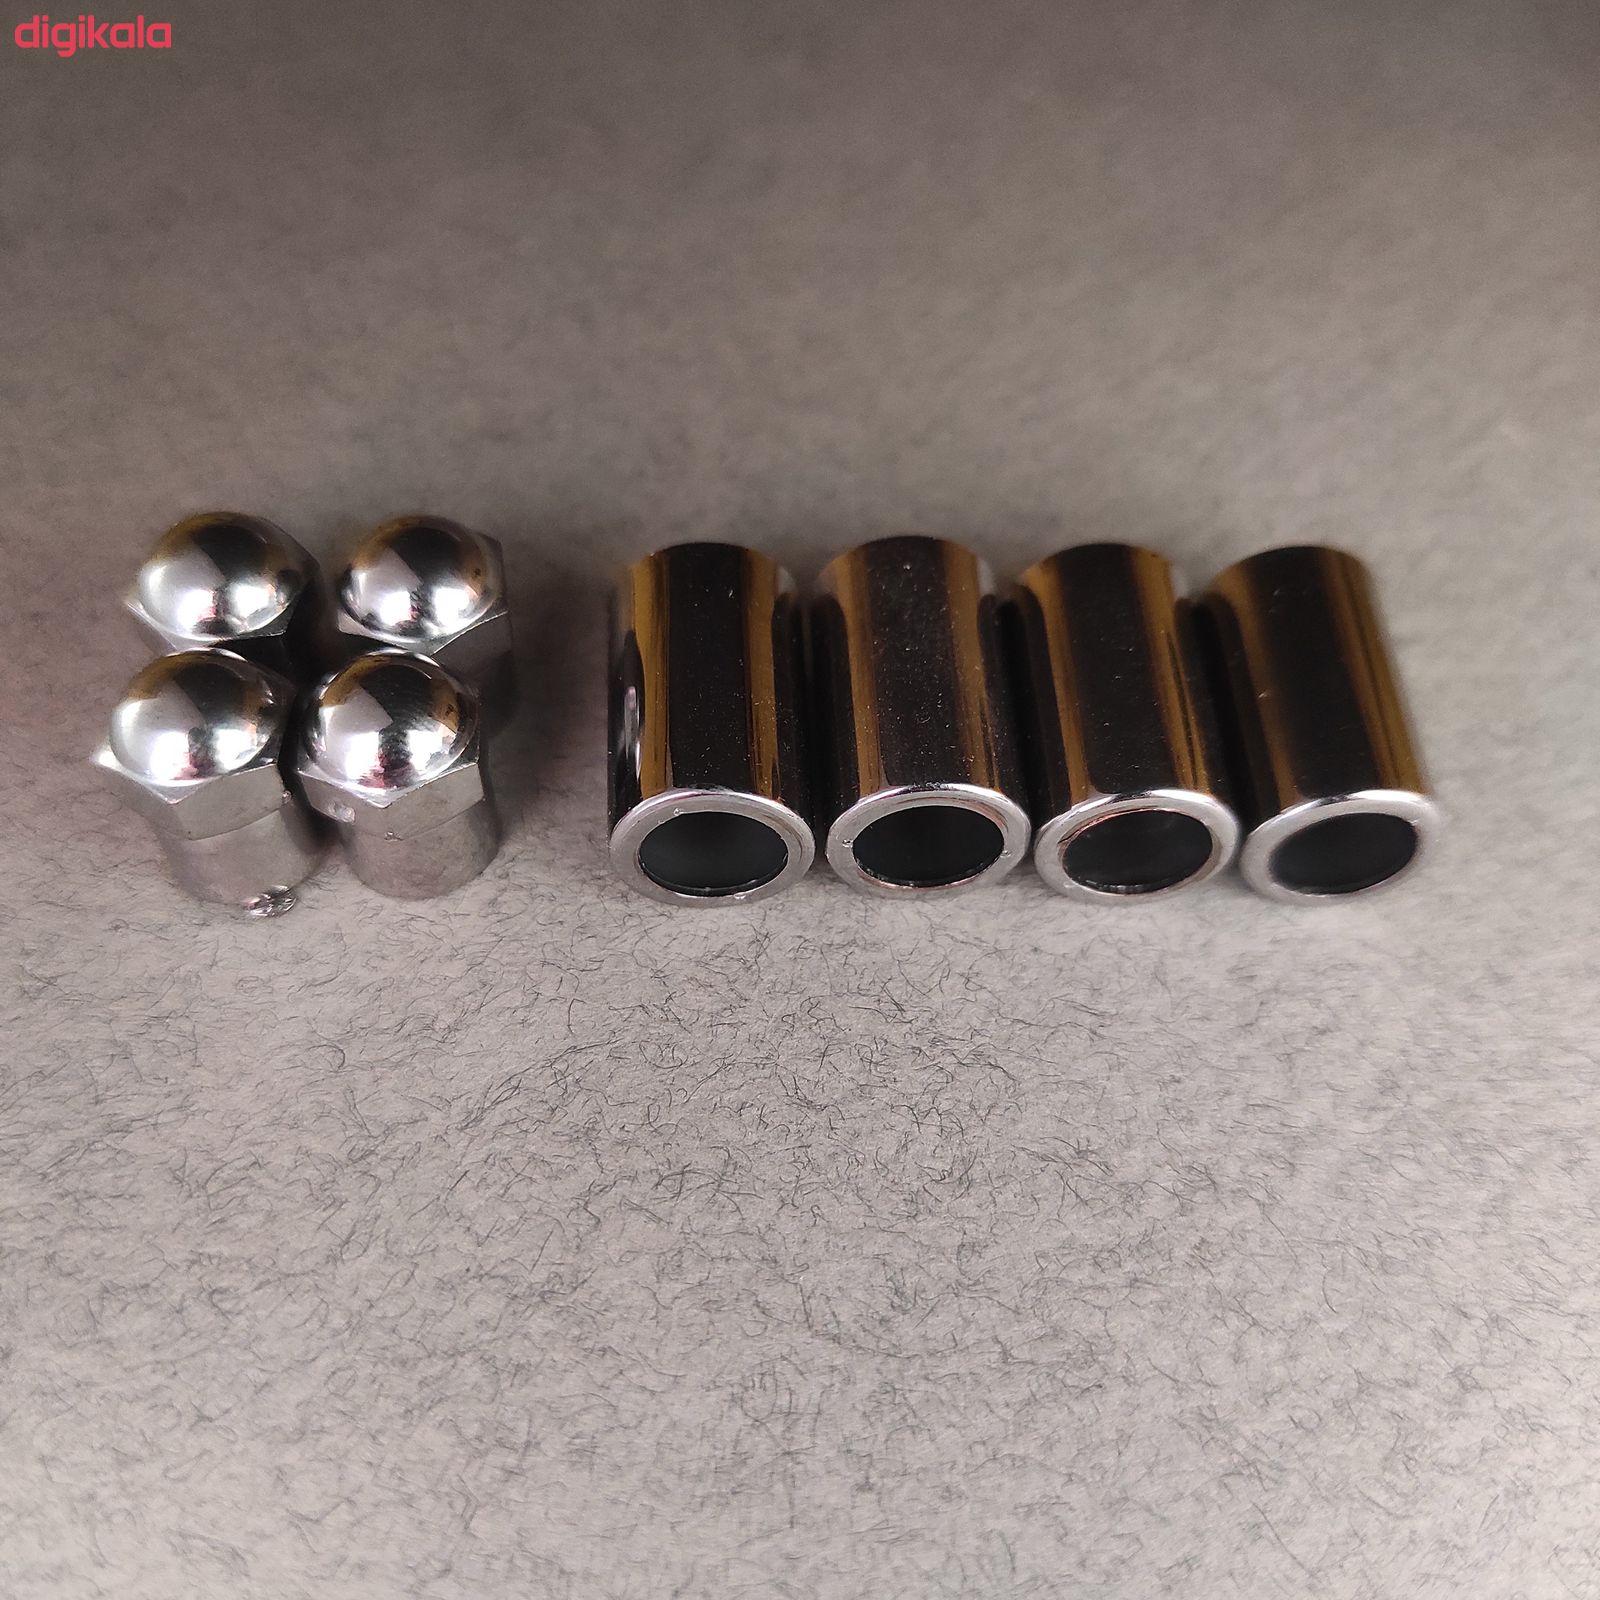 بدنه و سر والف لاستیک خودرو مدل  Sb بسته 4 عددی main 1 4